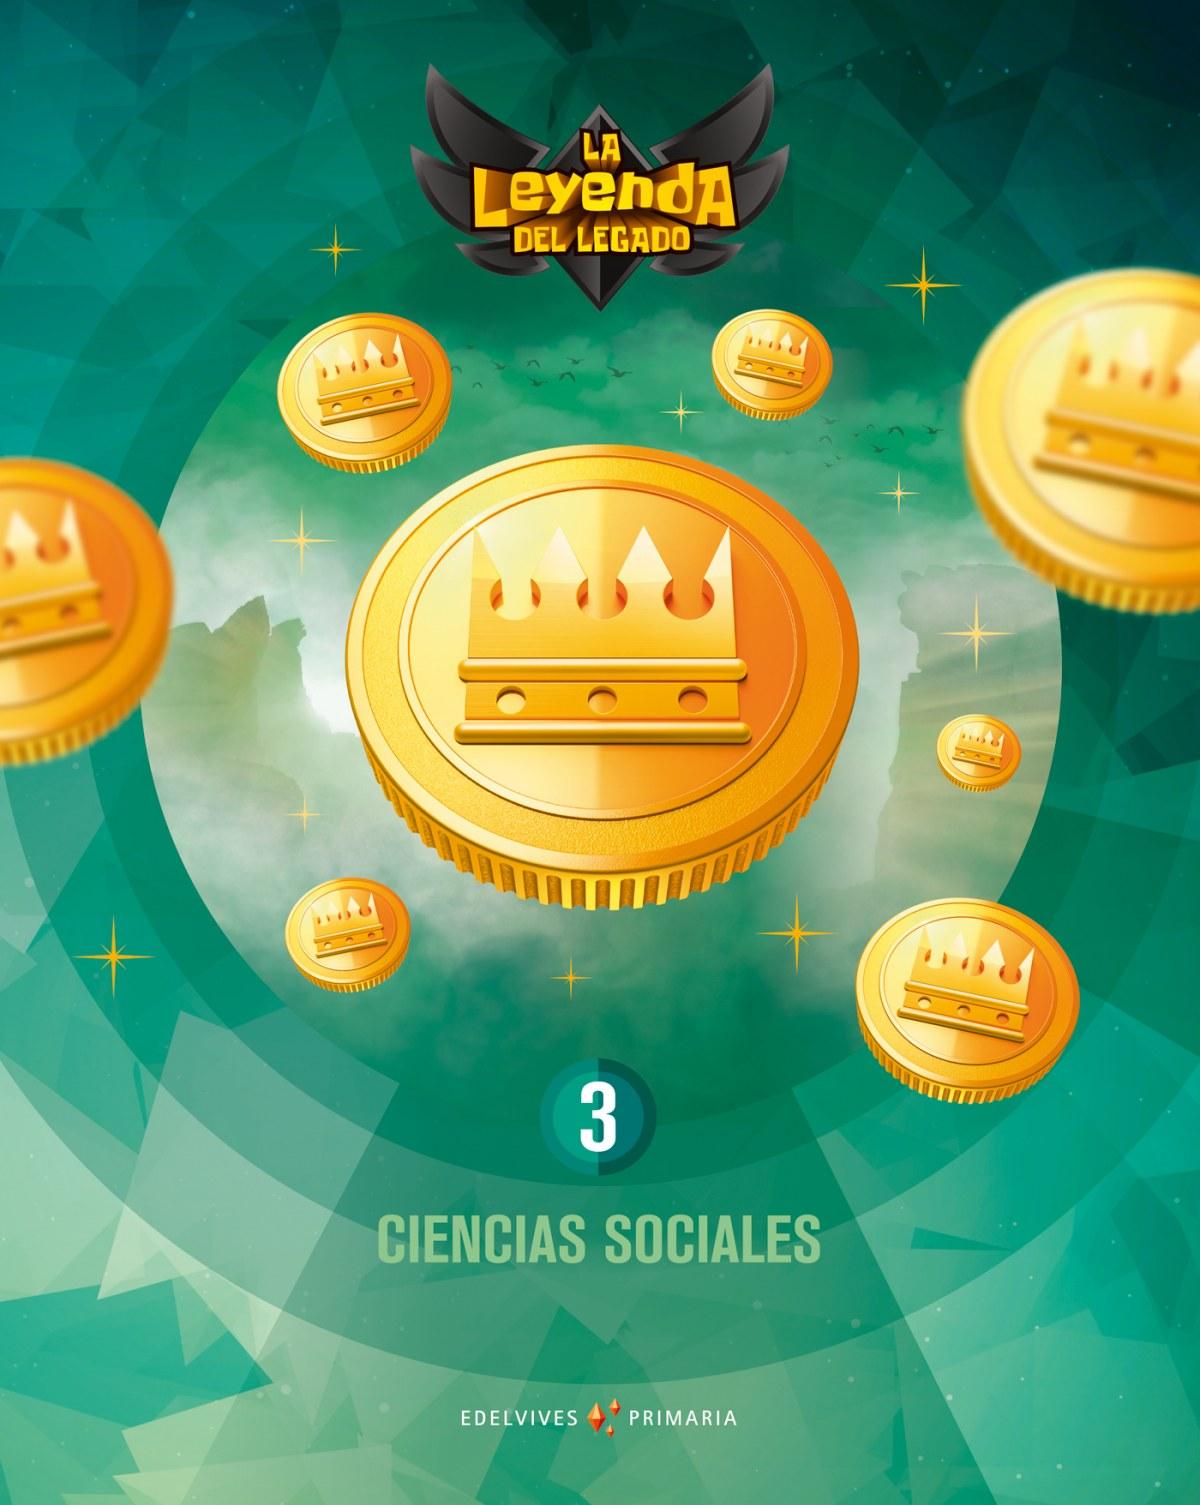 CIENCIAS SOCIALES 3o.PRIMARIA. LA LEYENDA DEL LEGADO. GENÉRICO 9788414016336